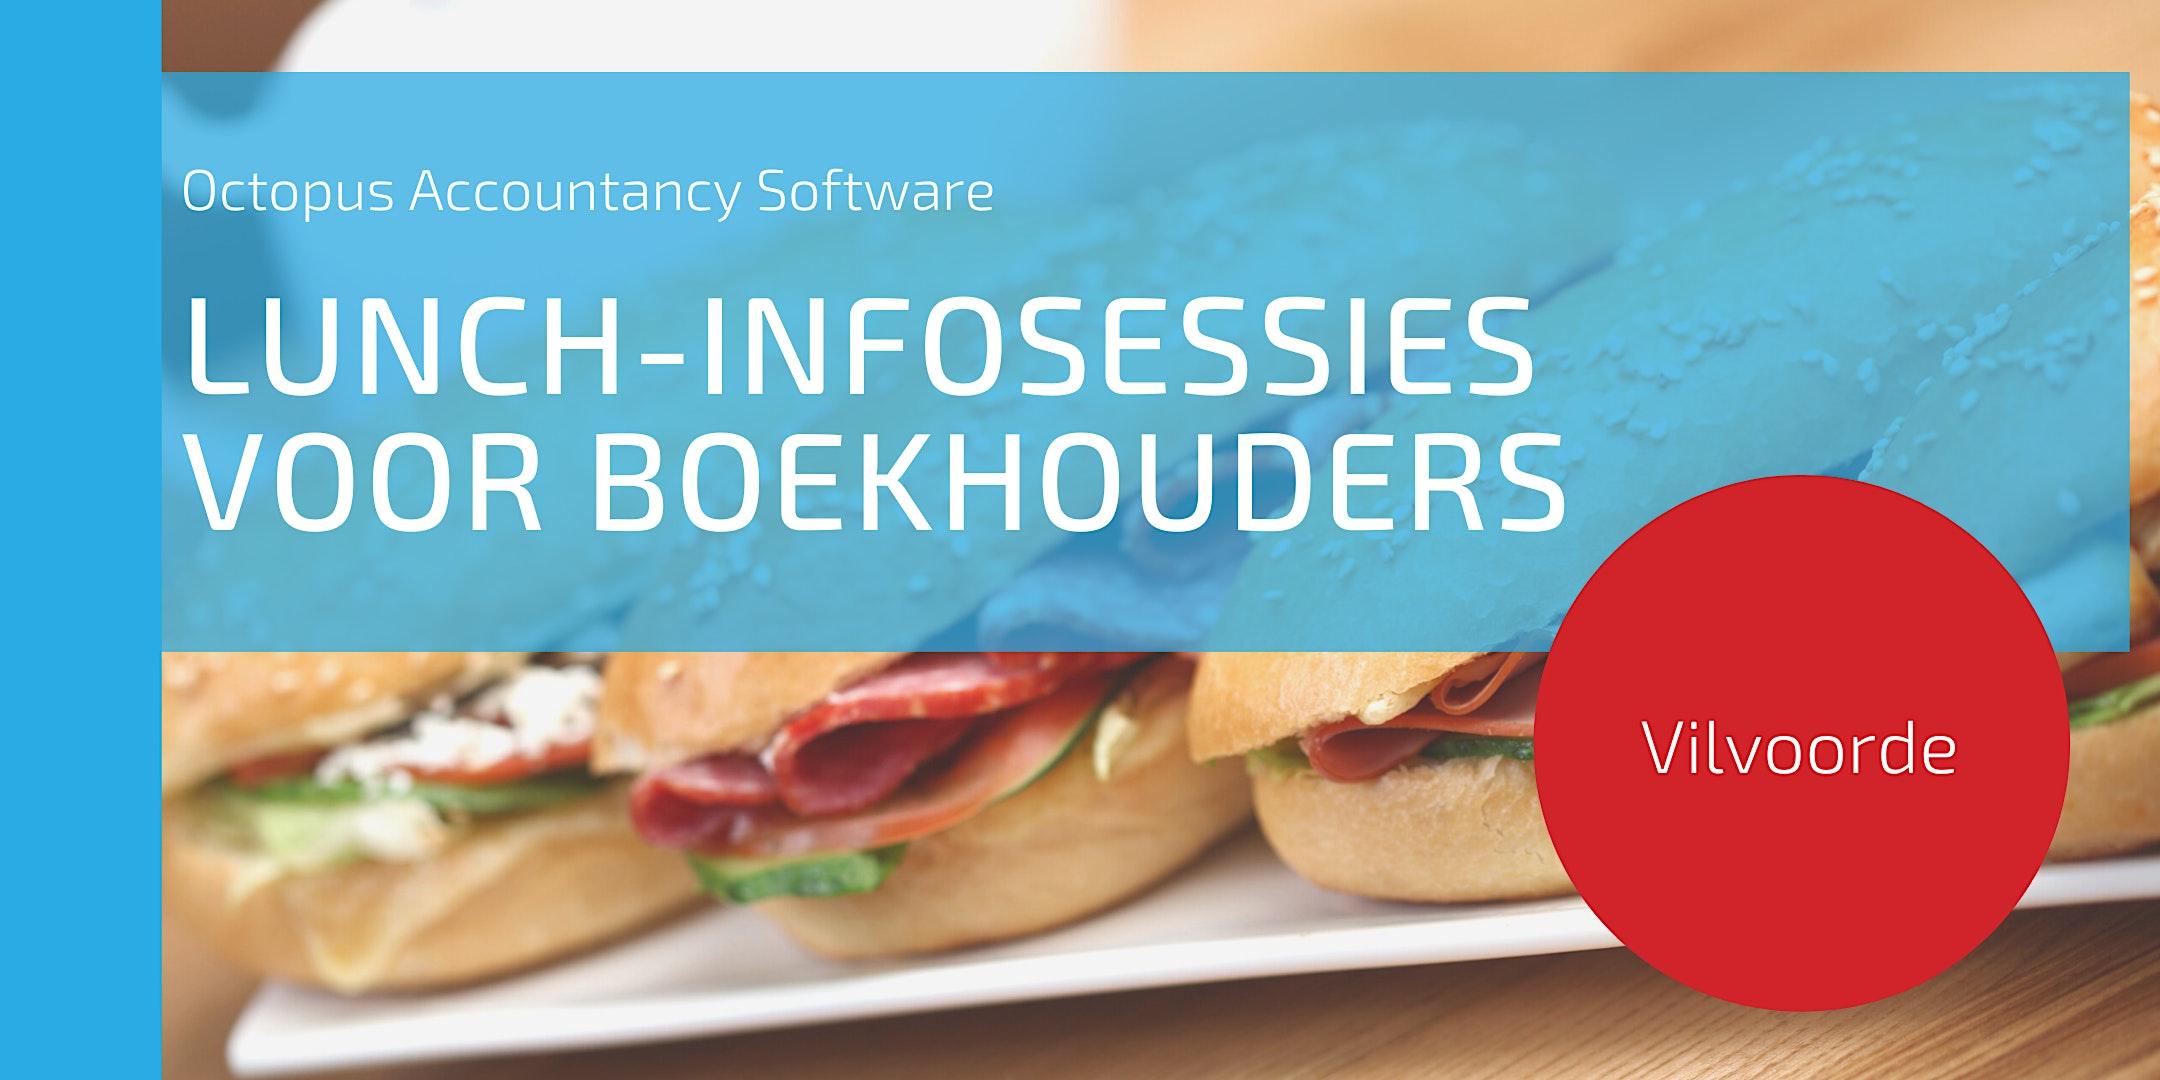 Vilvoorde: Lunch-infosessie voor boekhouders